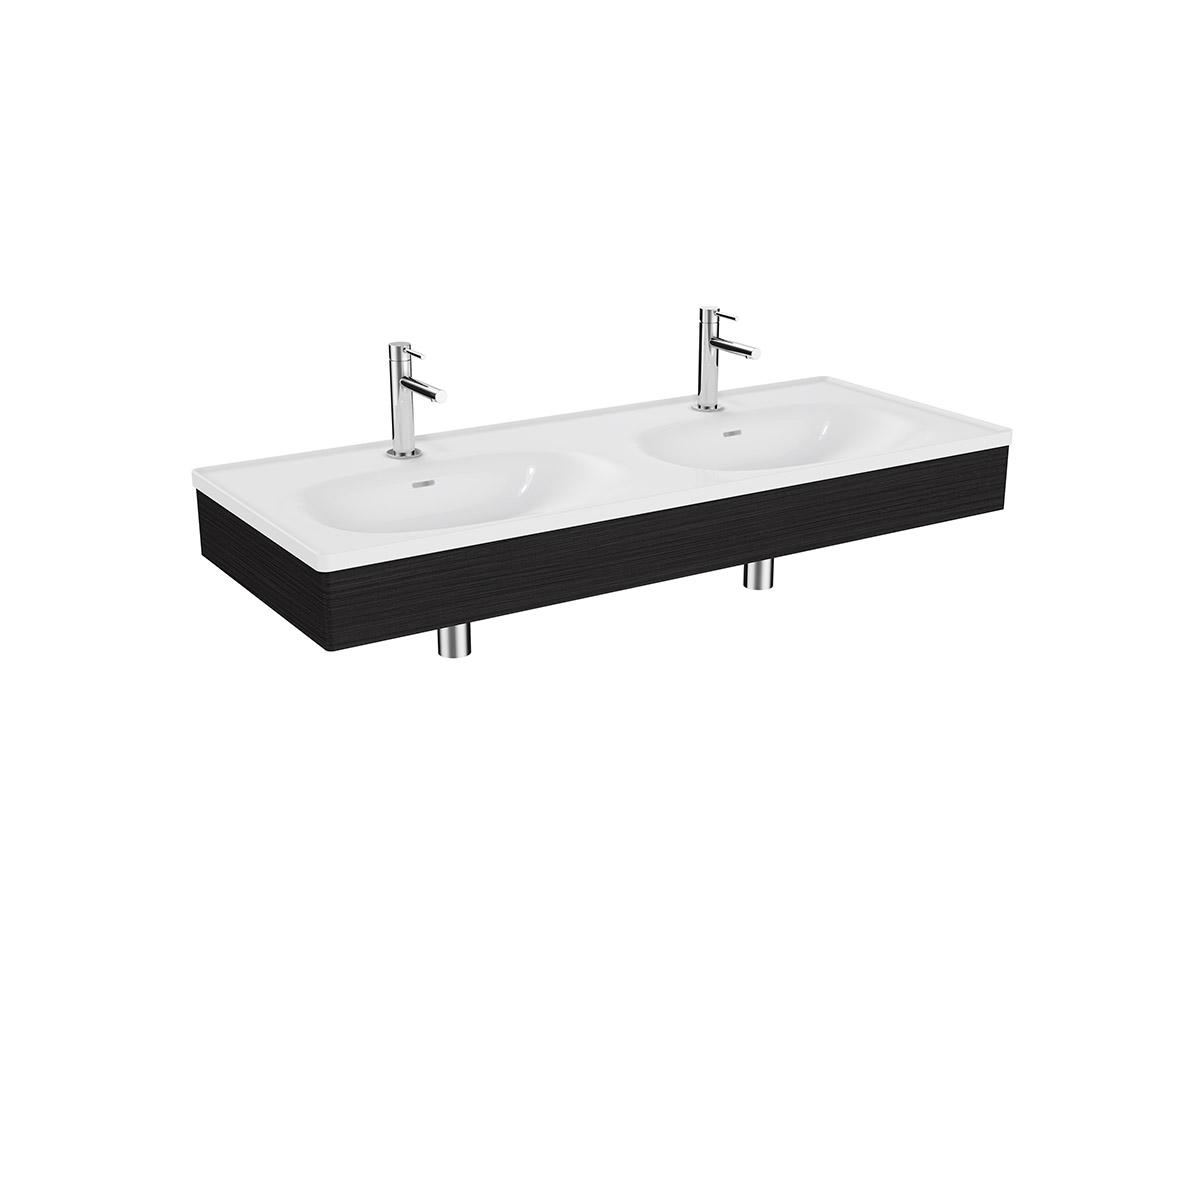 Equal Set Doppelwaschtisch, 130 cm, mit Holzblende, Weiß Hochglanz/Schwarz-Eiche